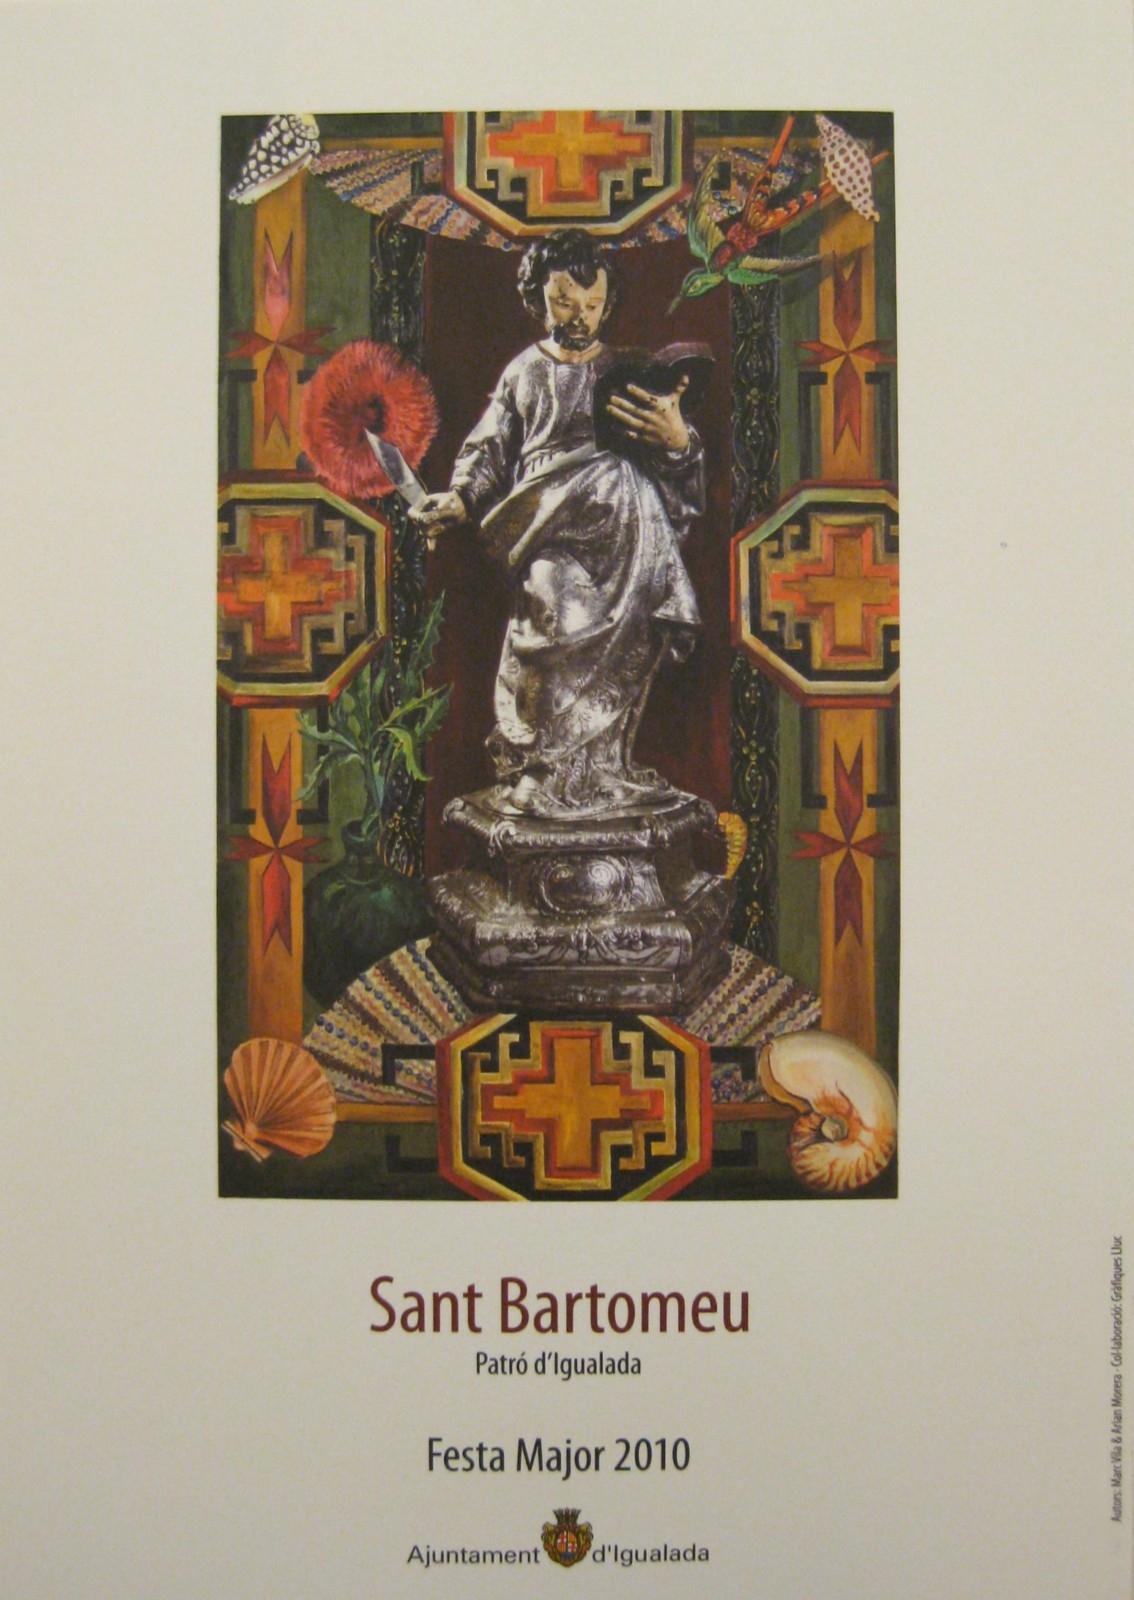 L'Estampa de Sant Bartomeu